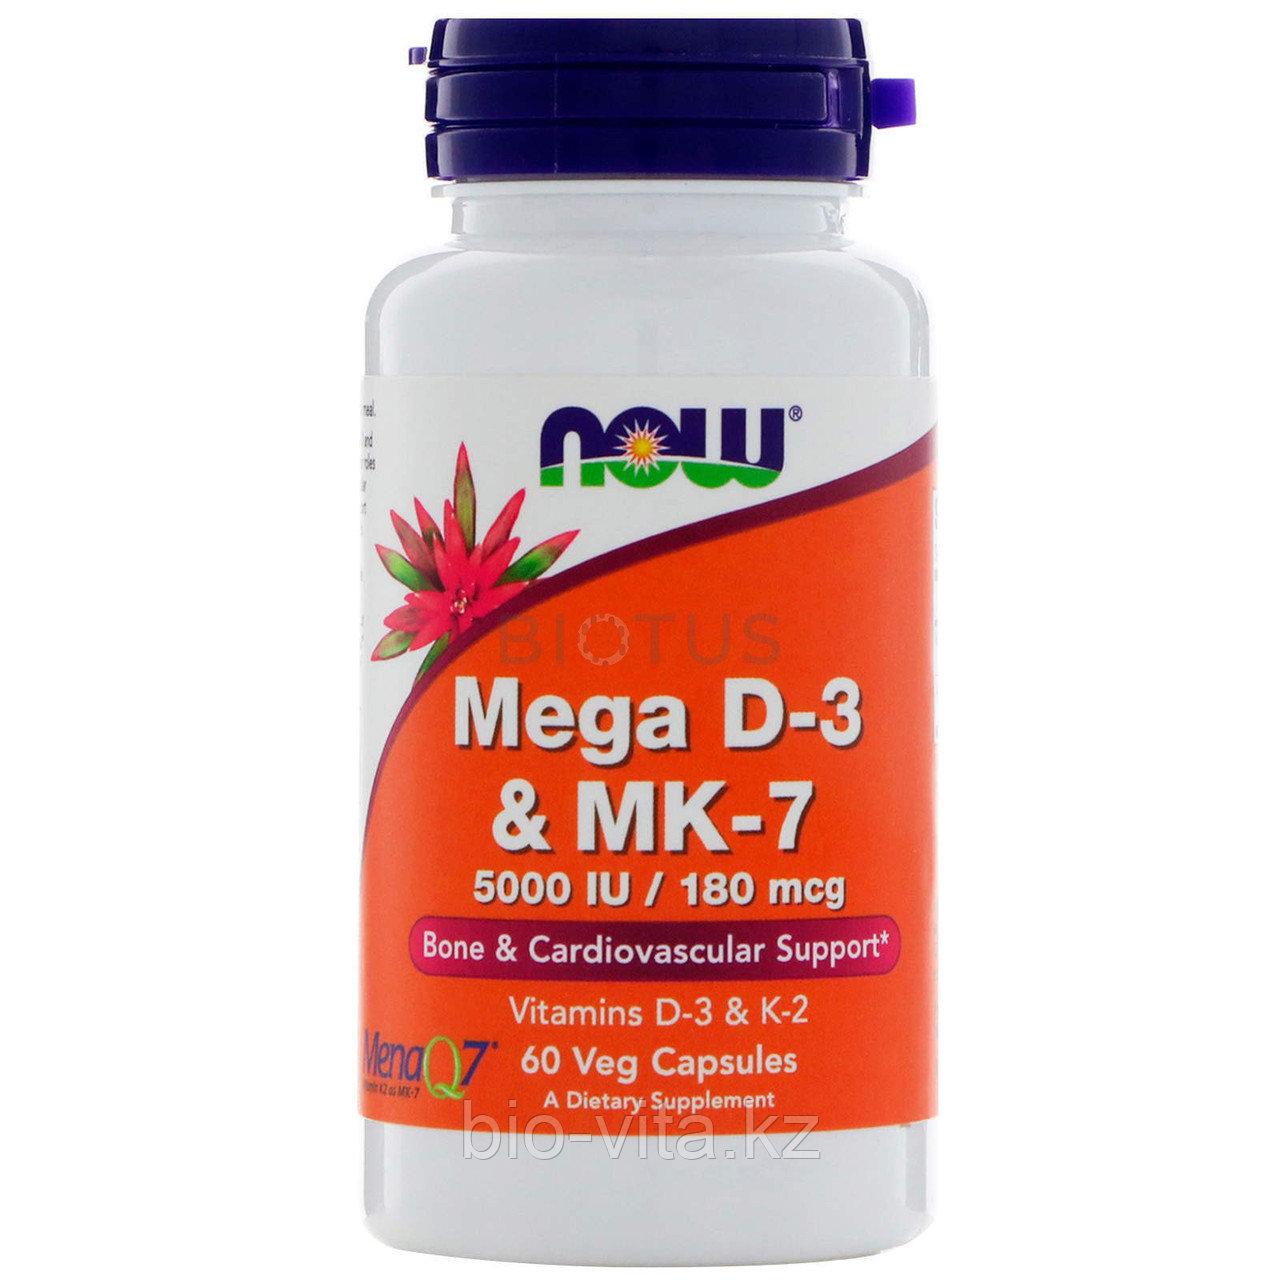 Mega D-3 +MK-7 5000 IU/150  mcg. Витамин Д3 с витамином К2 для лучшего усвоения. 60 капсул.